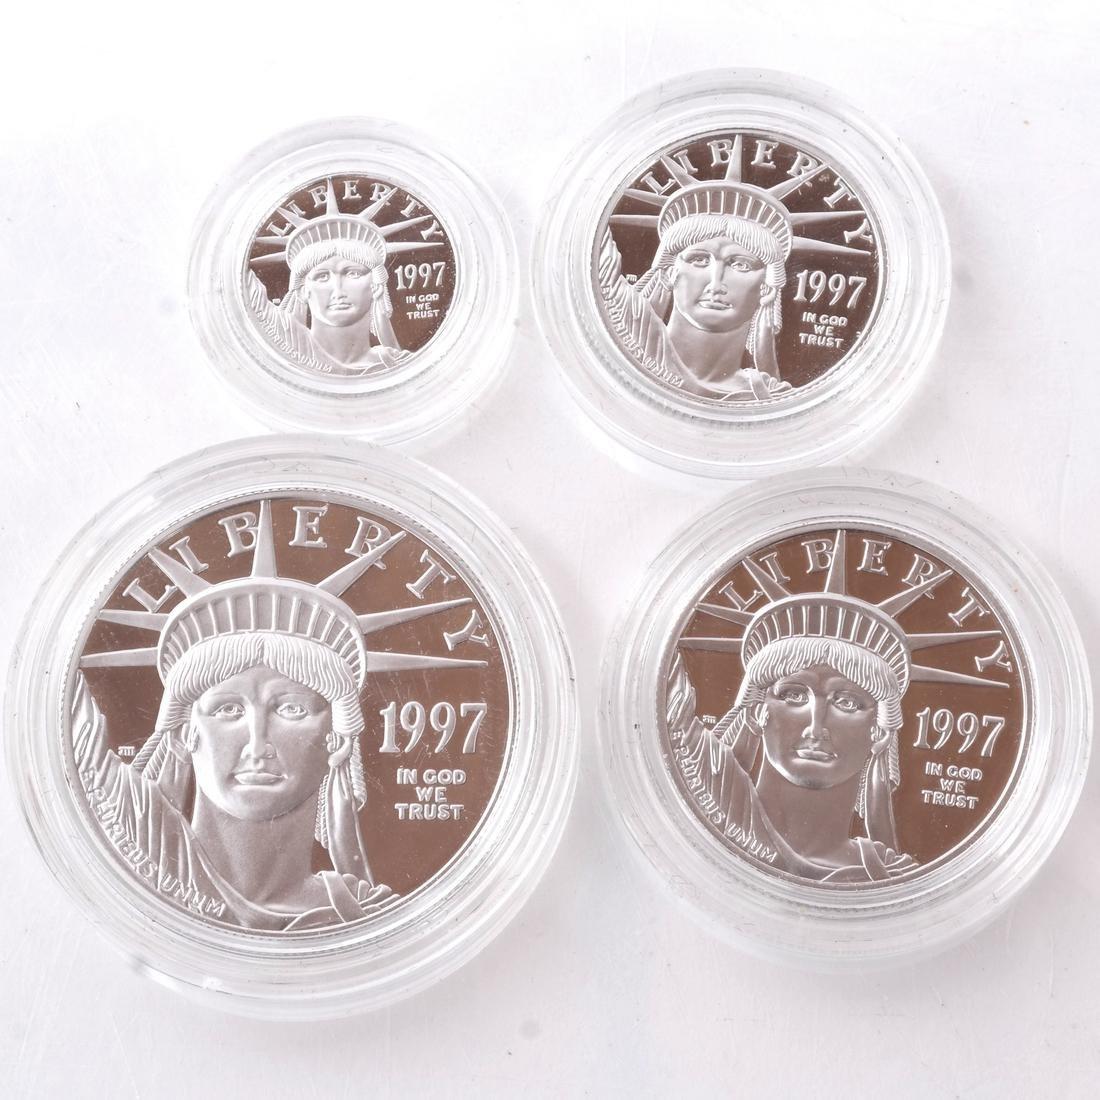 4 Platinum Proof Coins, 1997